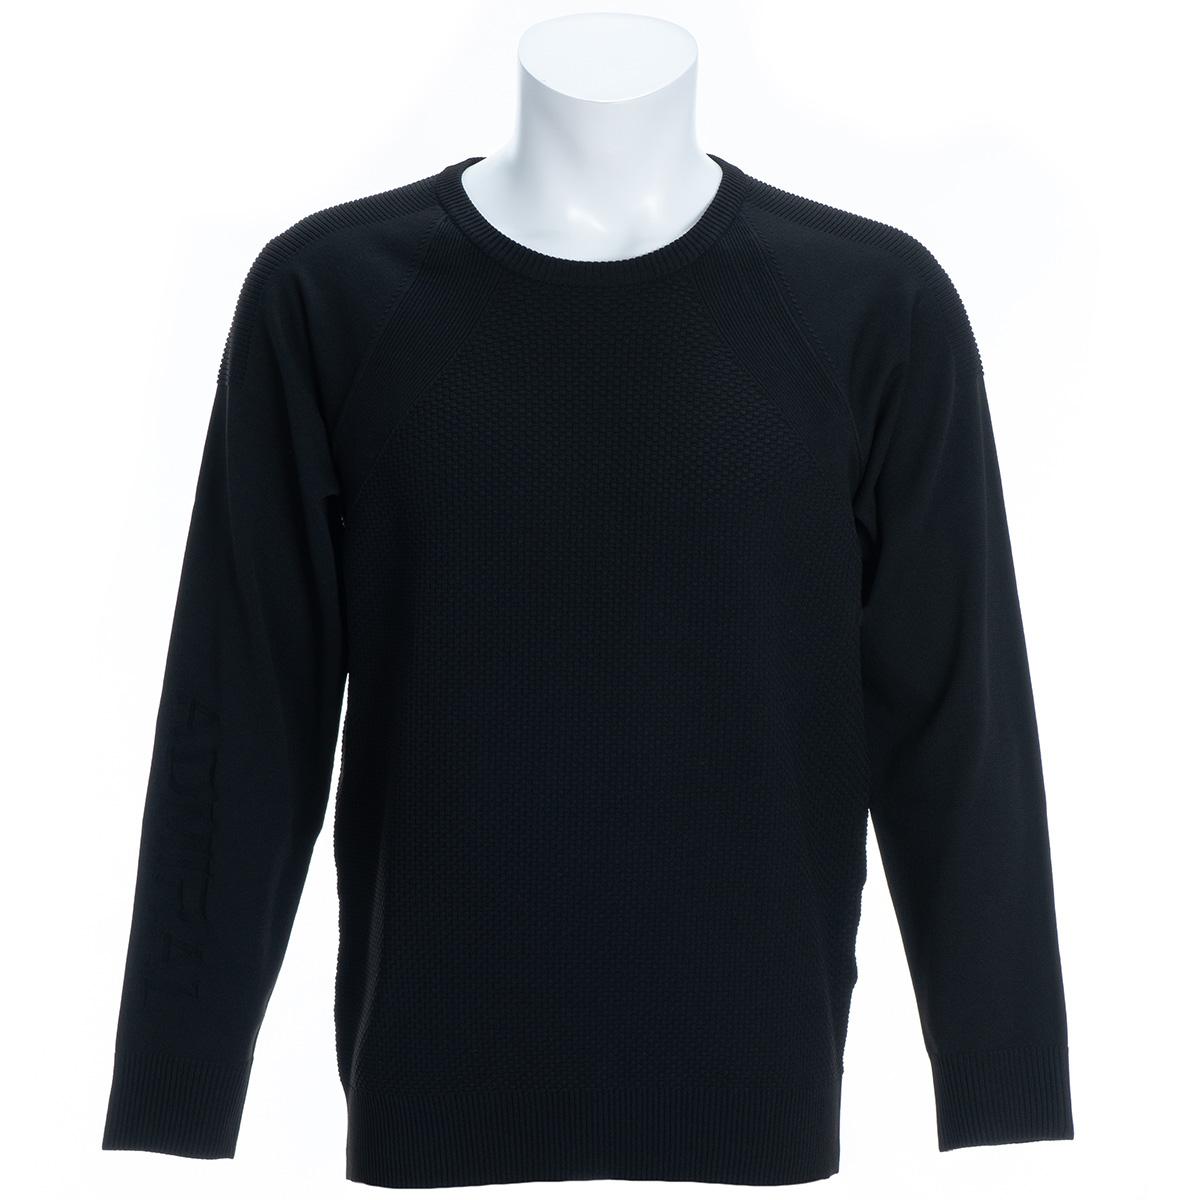 サーマル ストレッチ クルーネックセーター